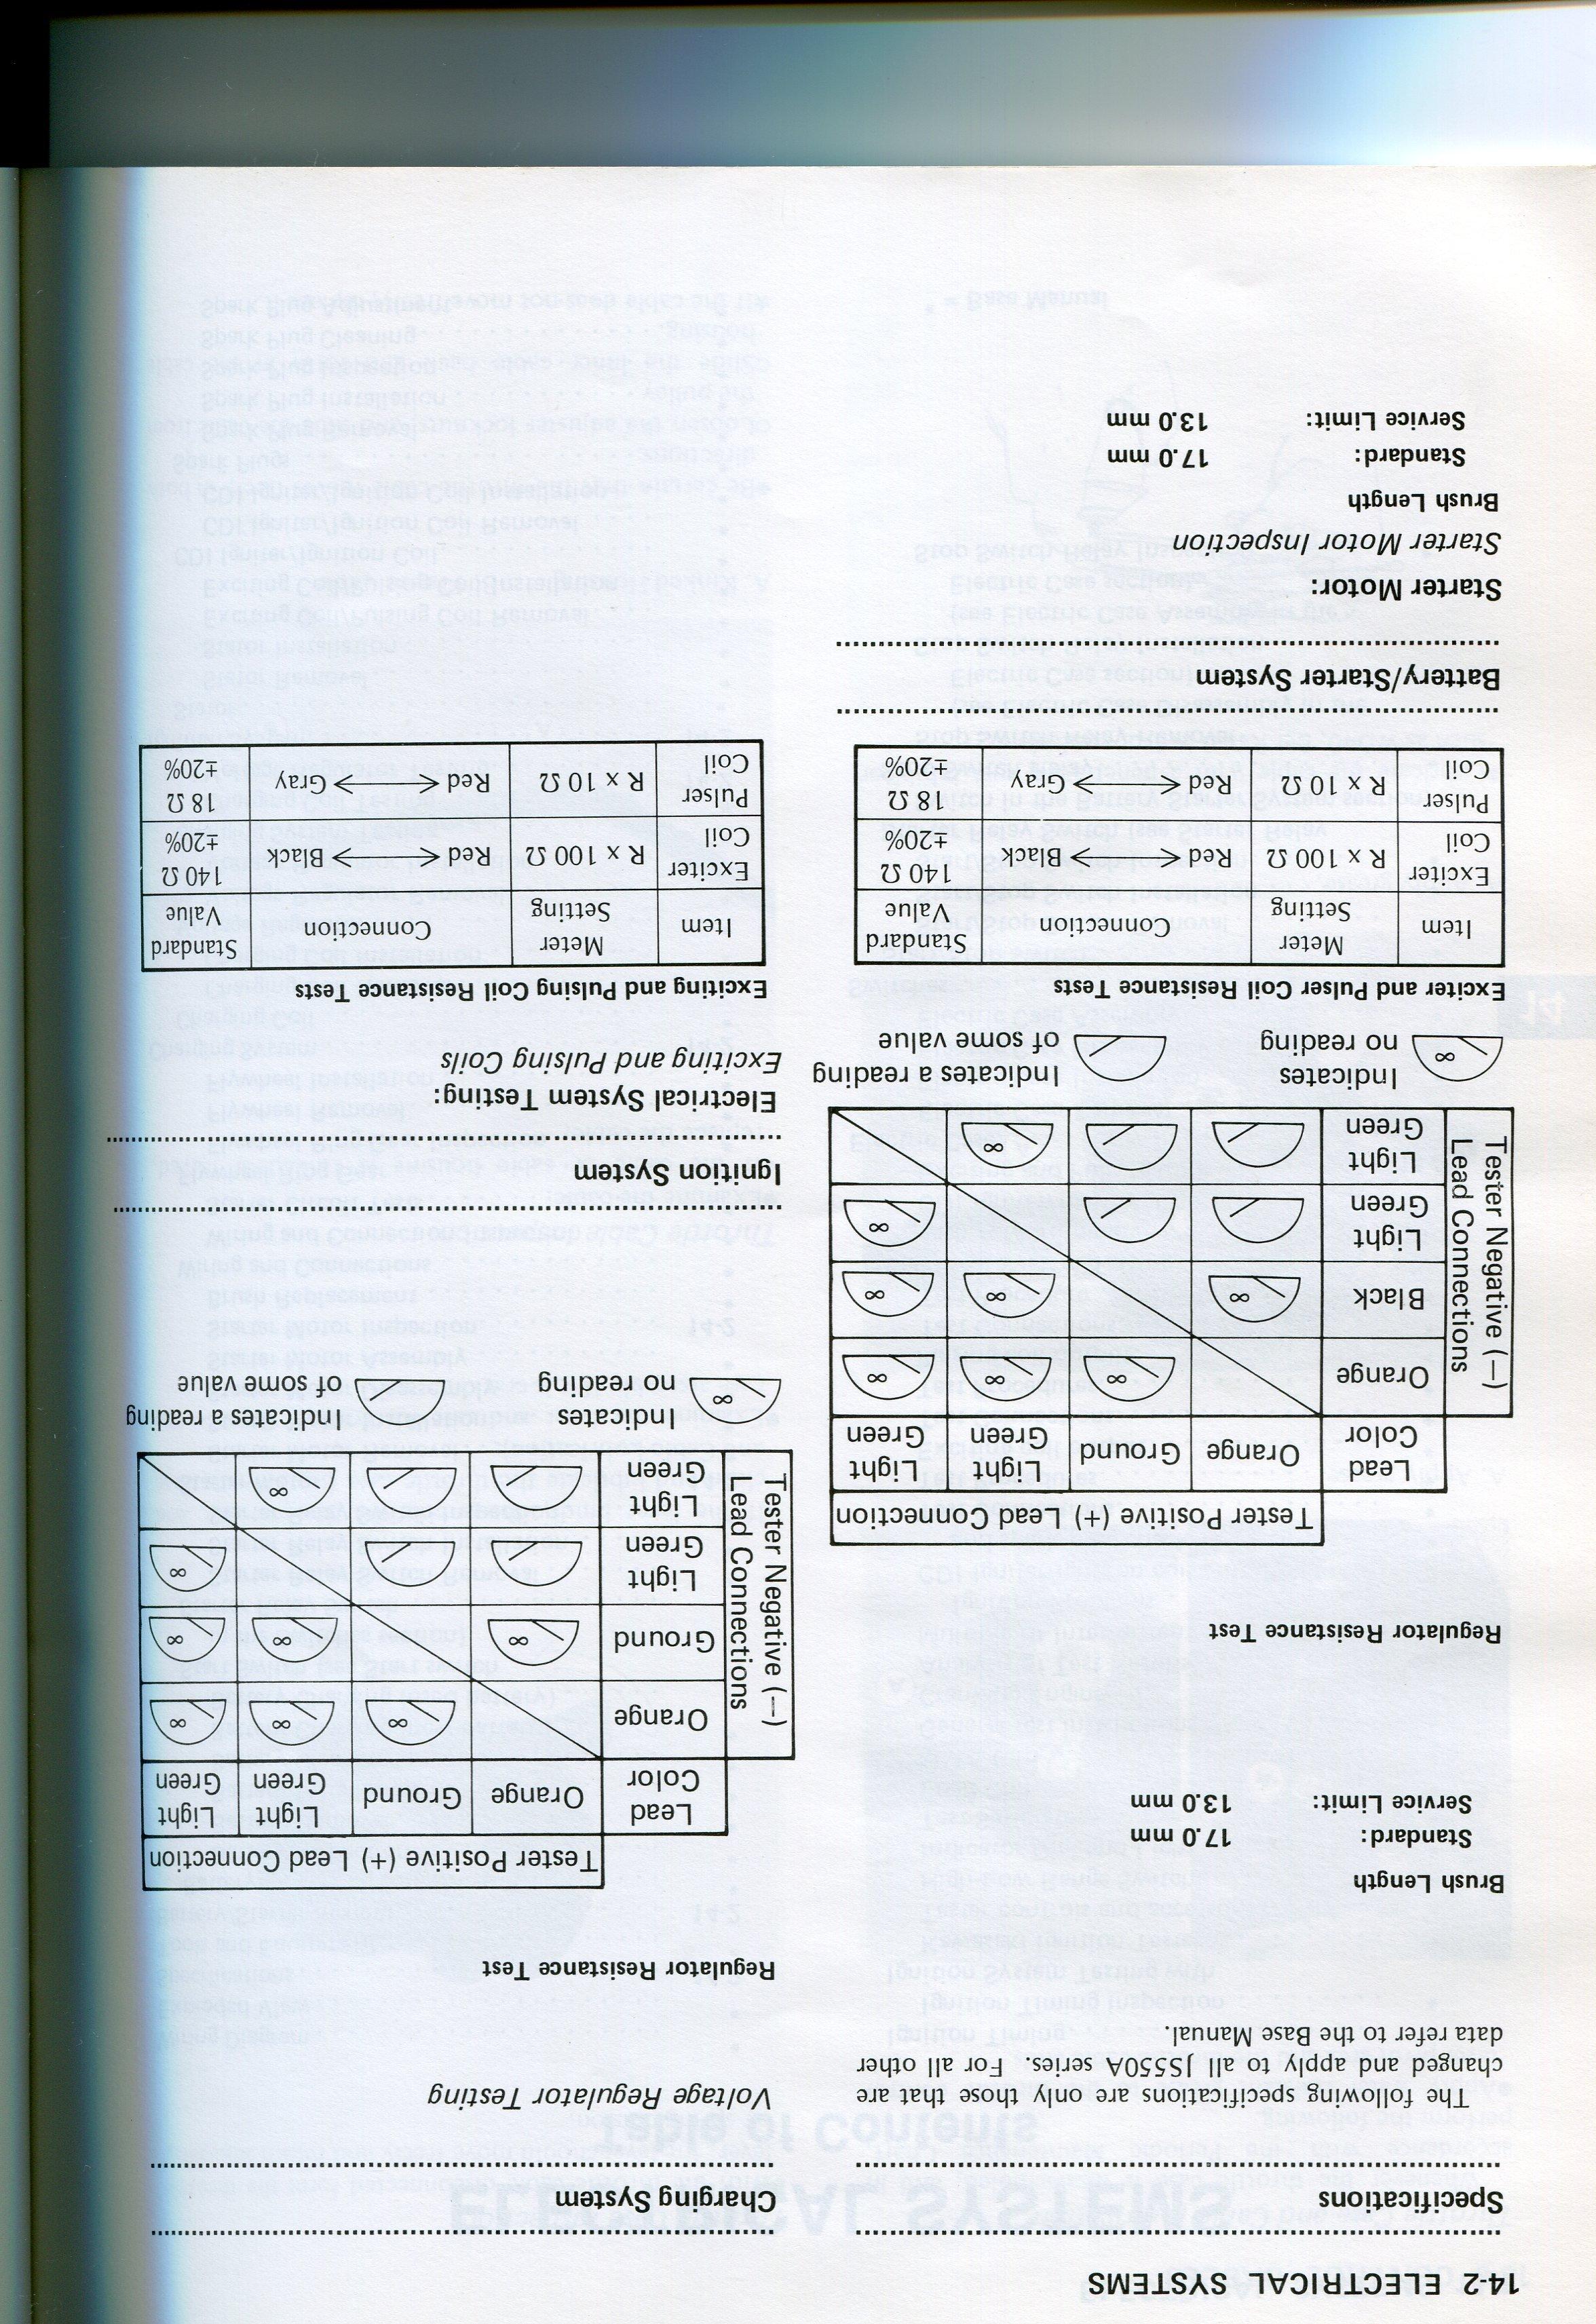 650sx wiring diagram 1 stefvandenheuvel nl \u2022kawasaki 650sx jet ski wiring  diagram wiring library rh